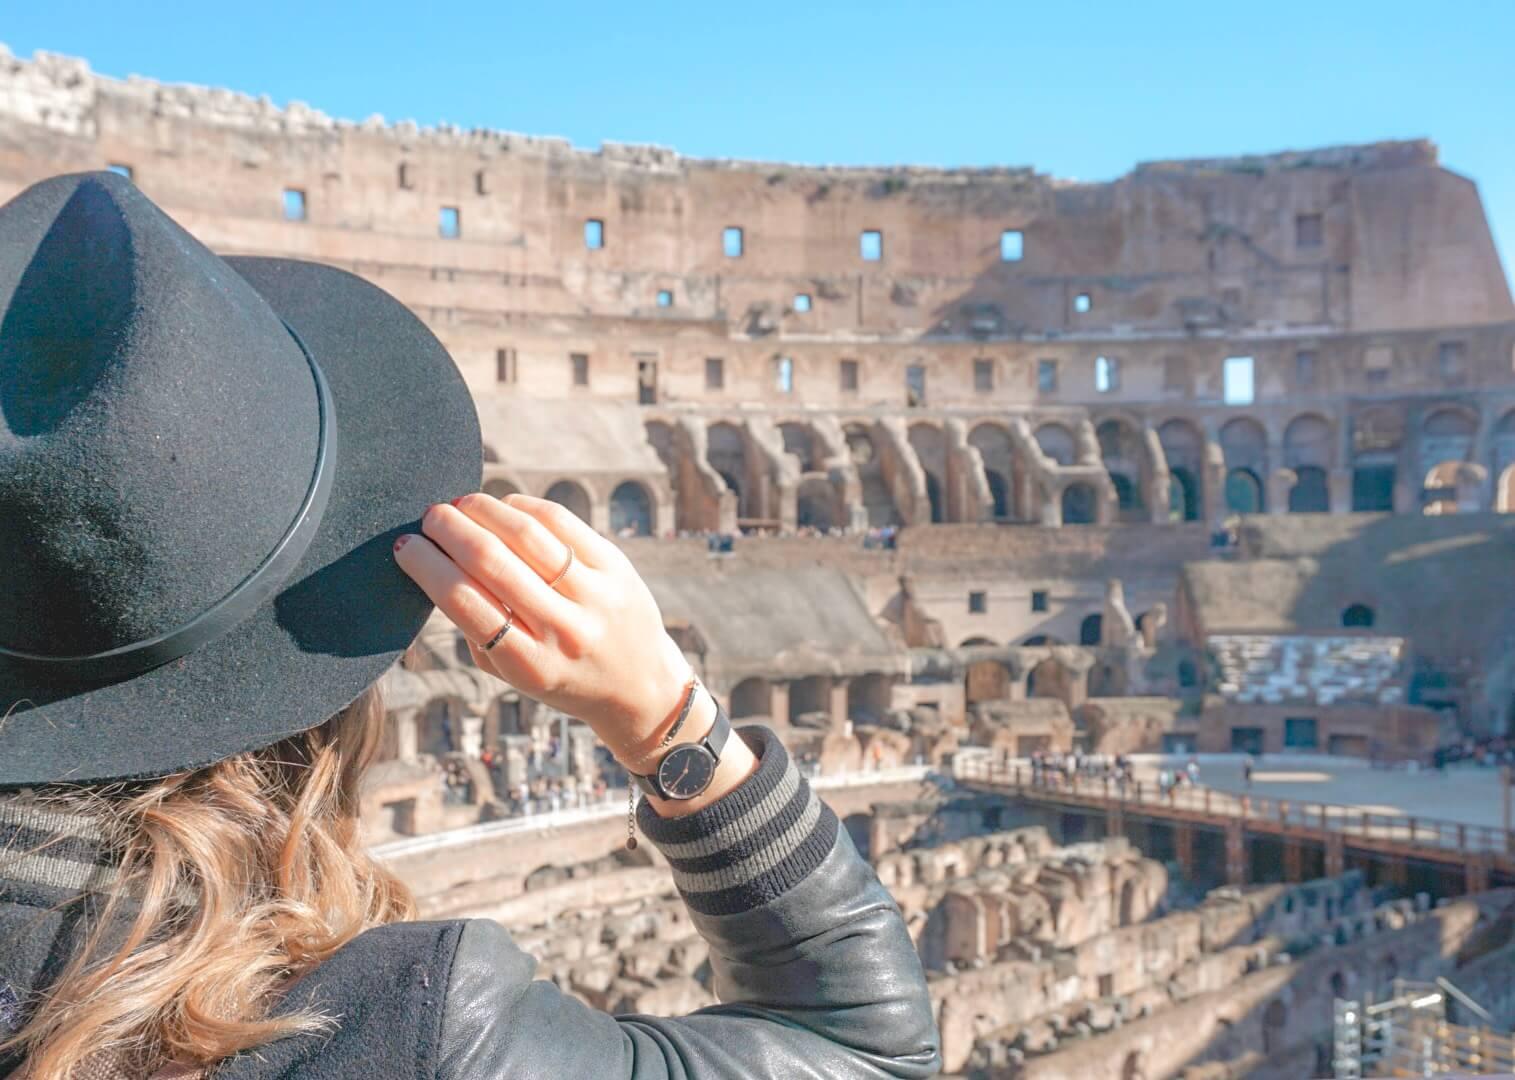 interieur colisee 7 merveilles du monde moderne rome